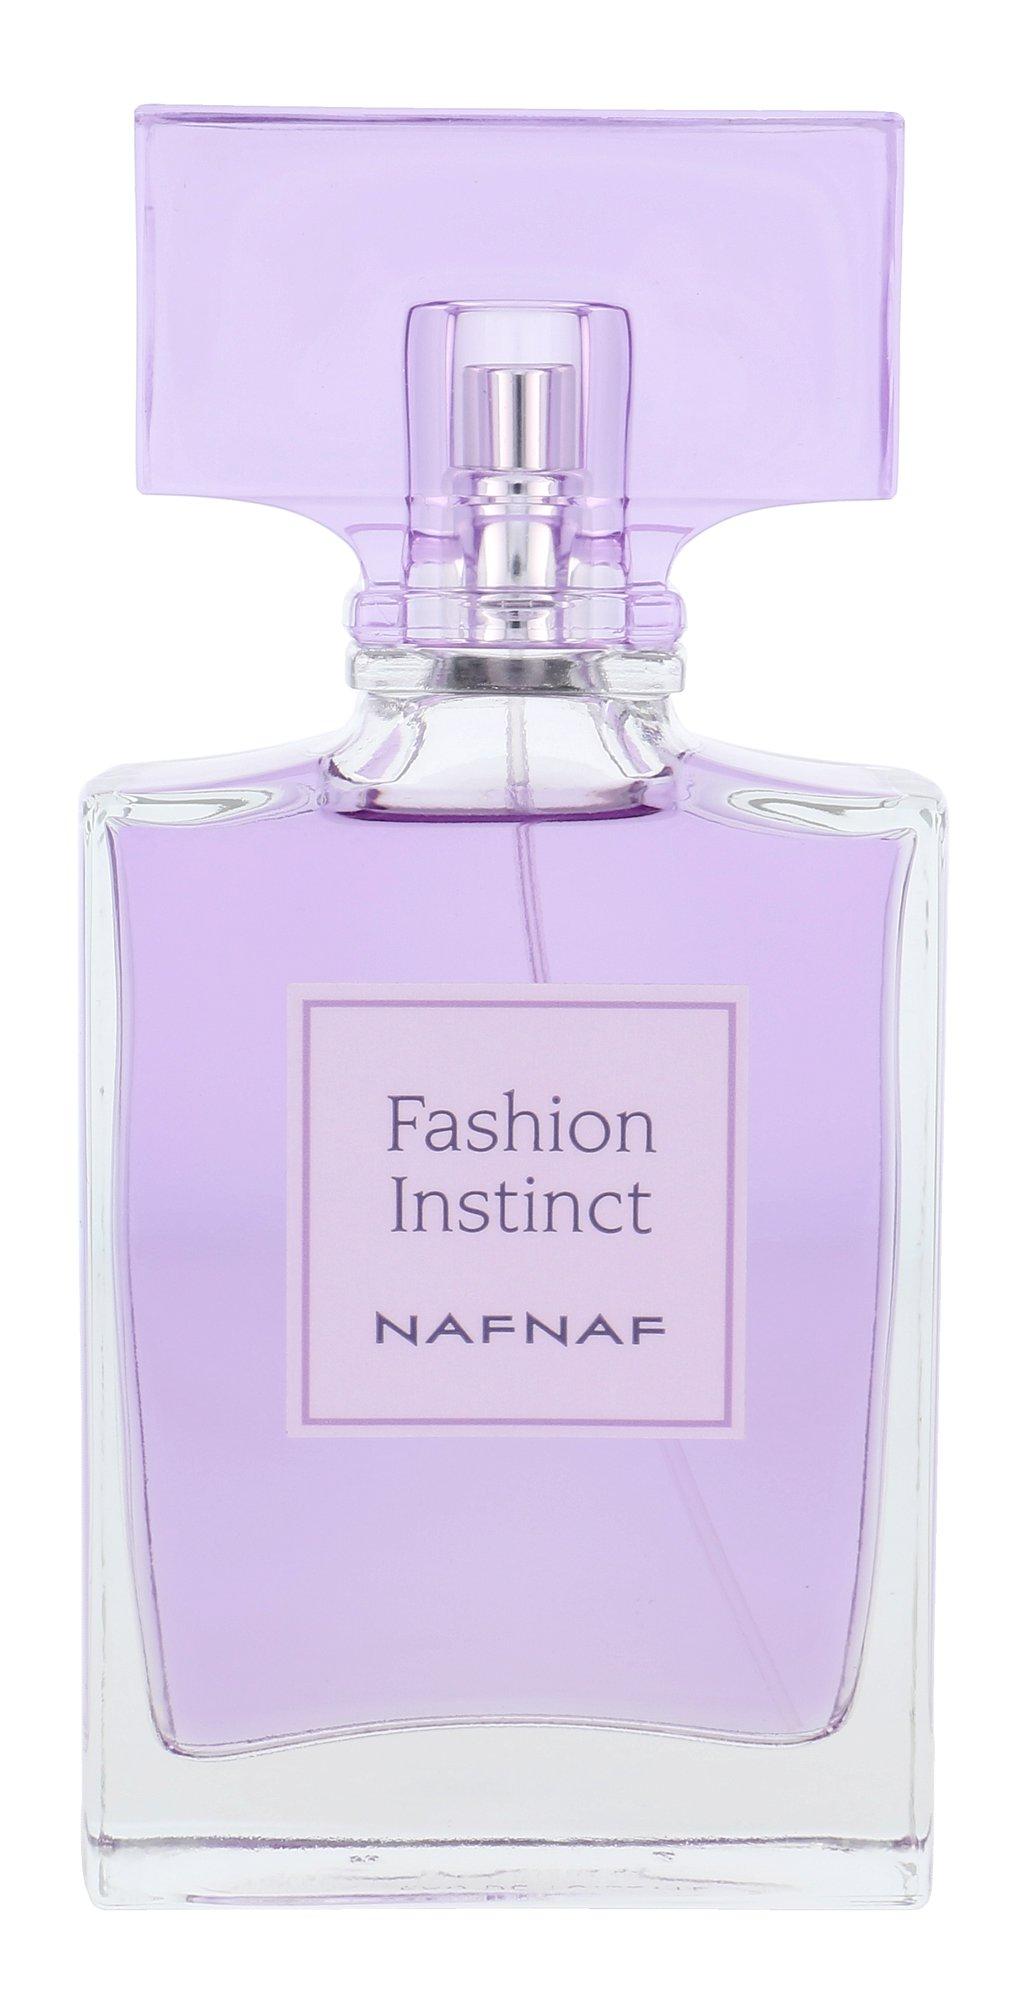 NAF NAF Fashion Instinct, edt 100ml